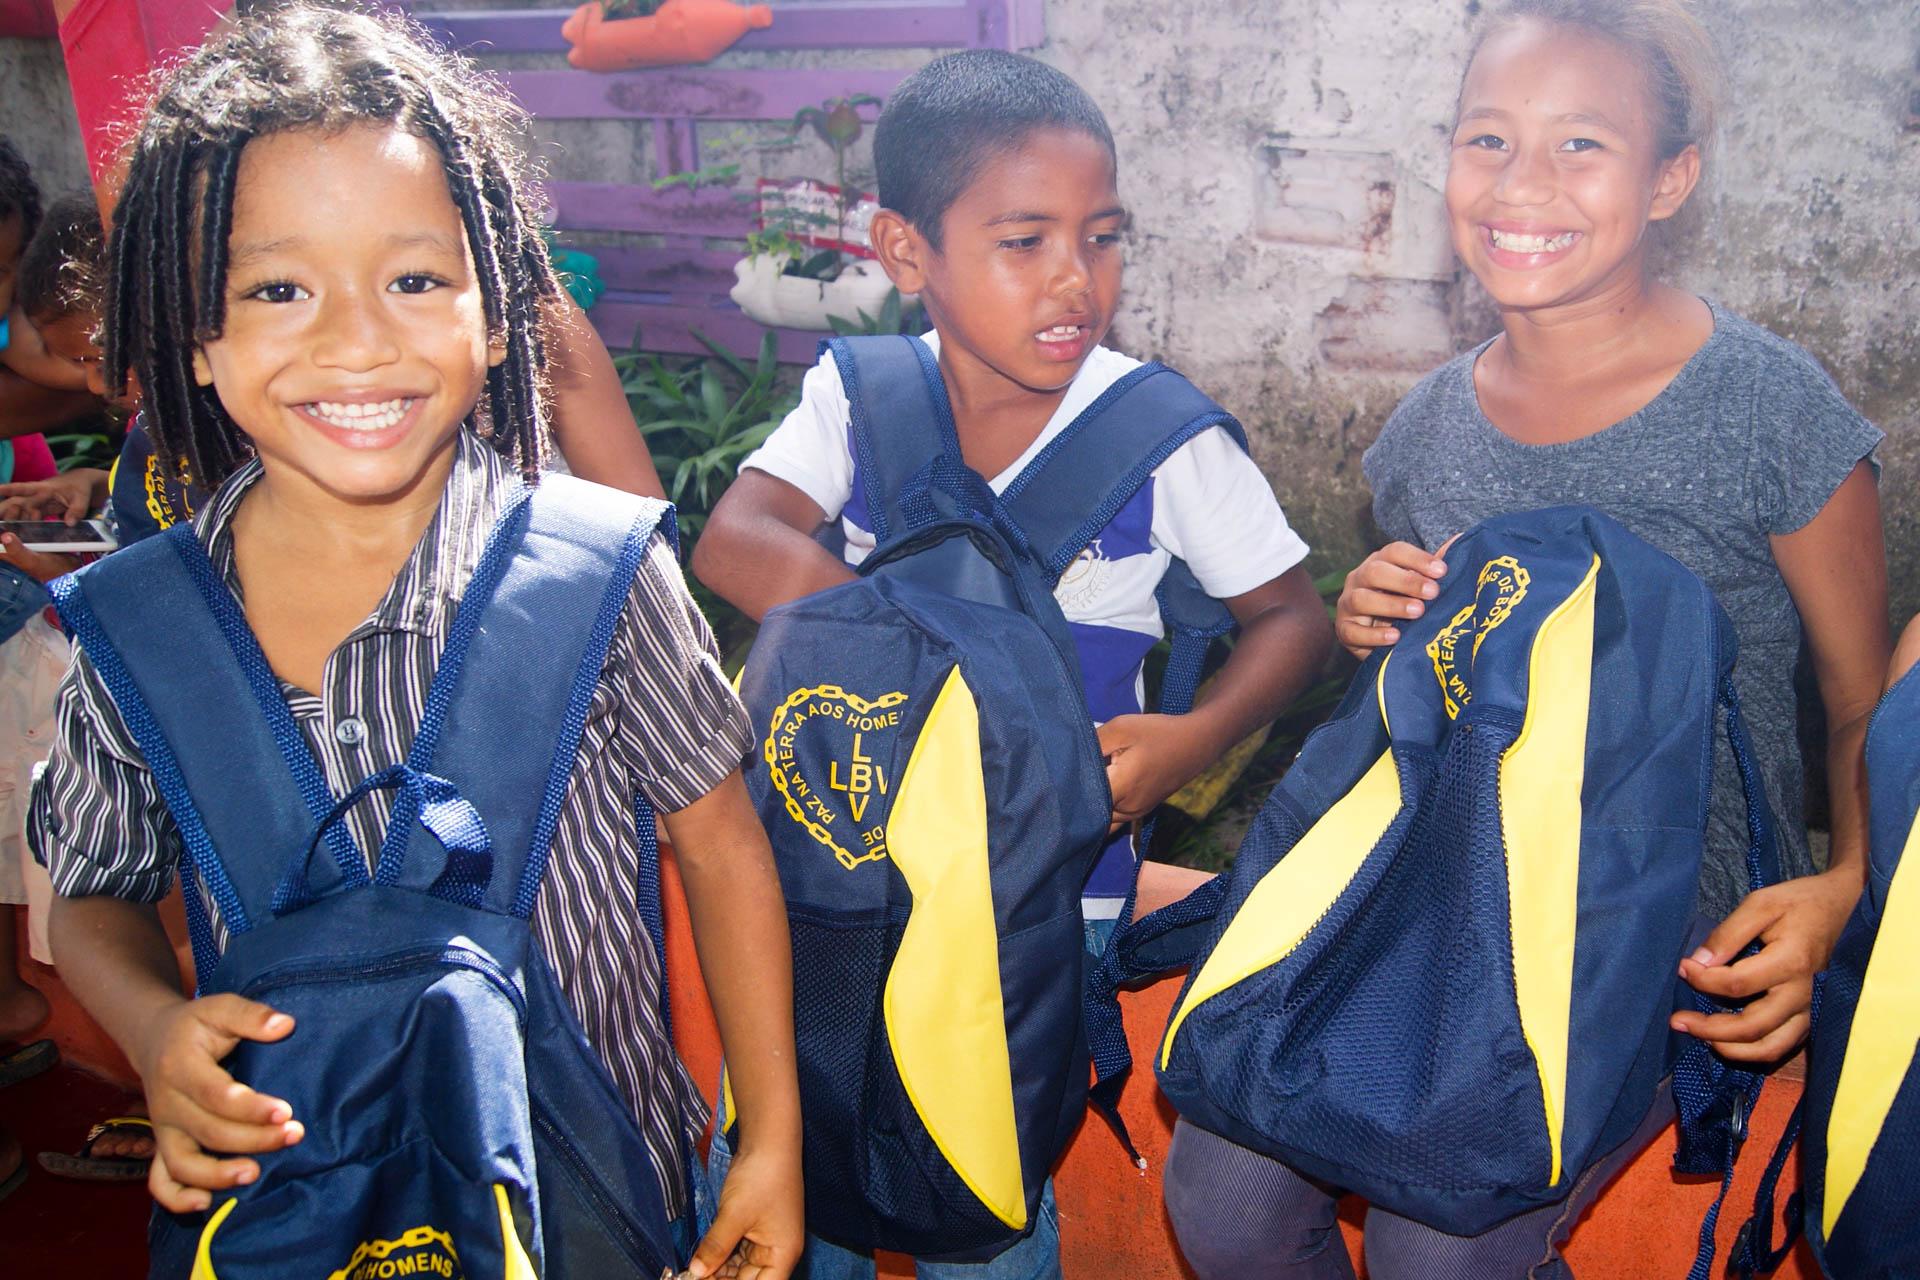 Santana/AP- Durante a entrega dos kits de material pedagógico, os pequenos compartilham momentos de grande alegria.